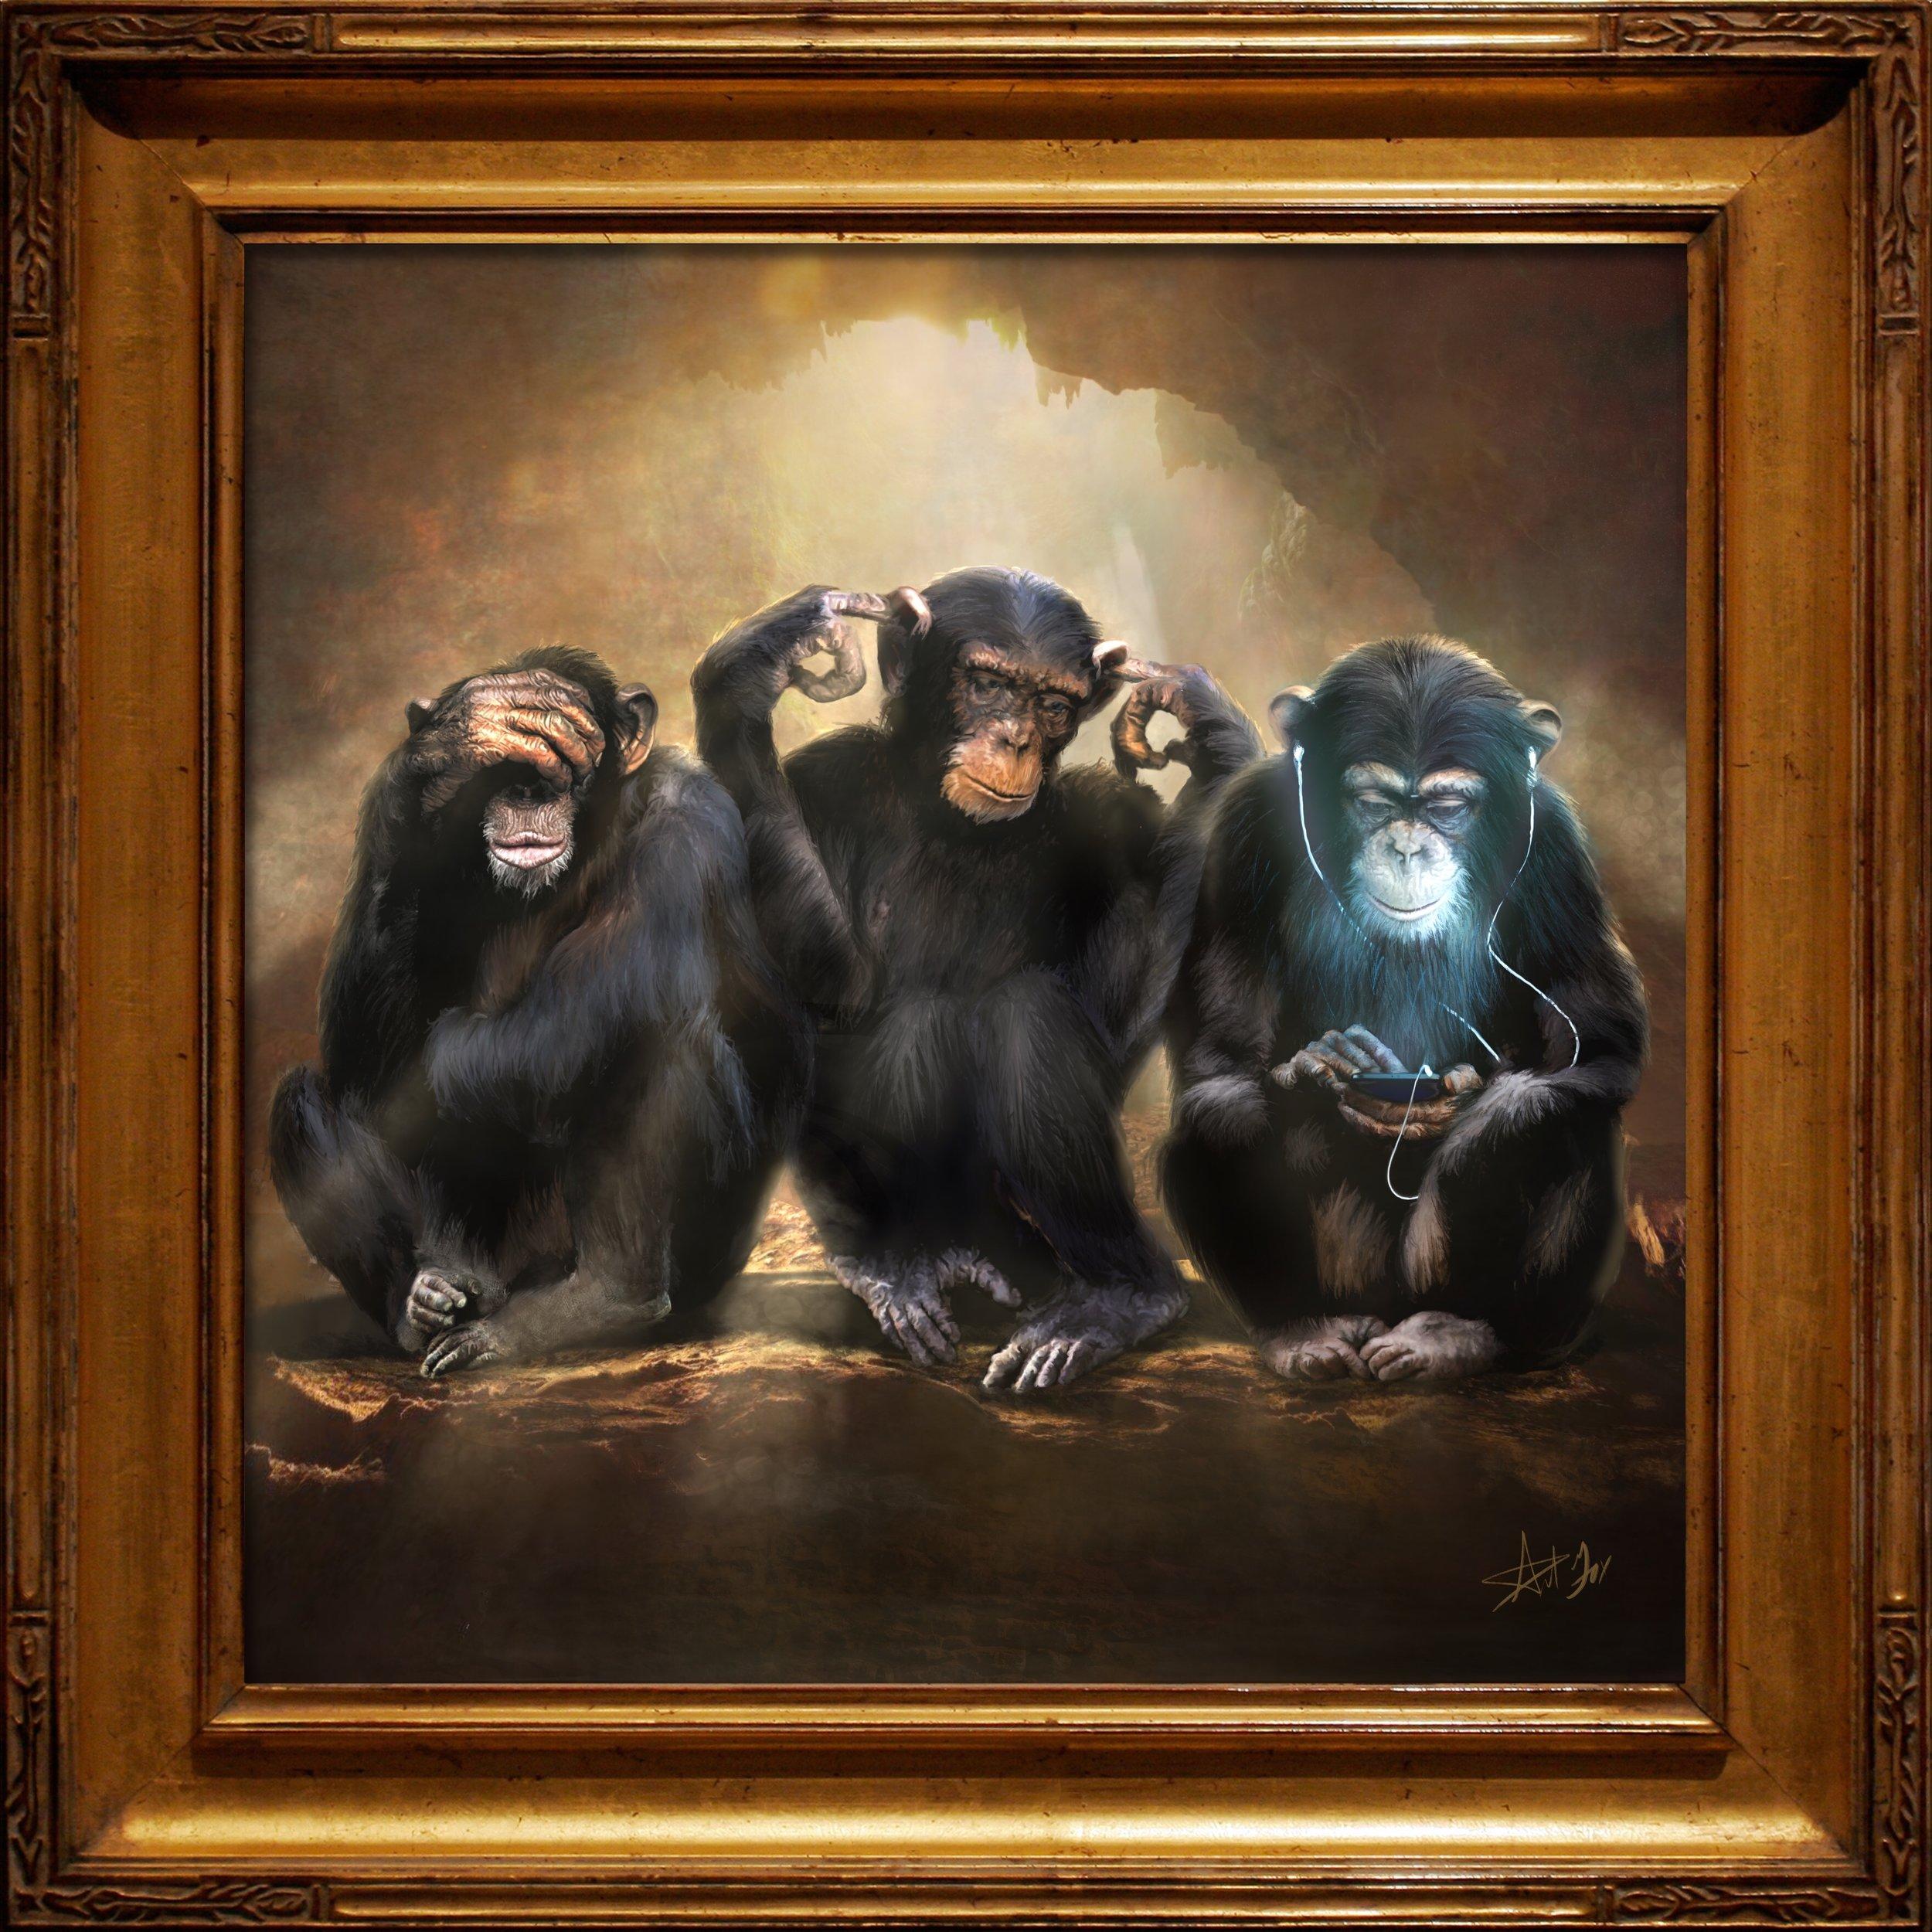 3 wise monkeys framed (1).jpg